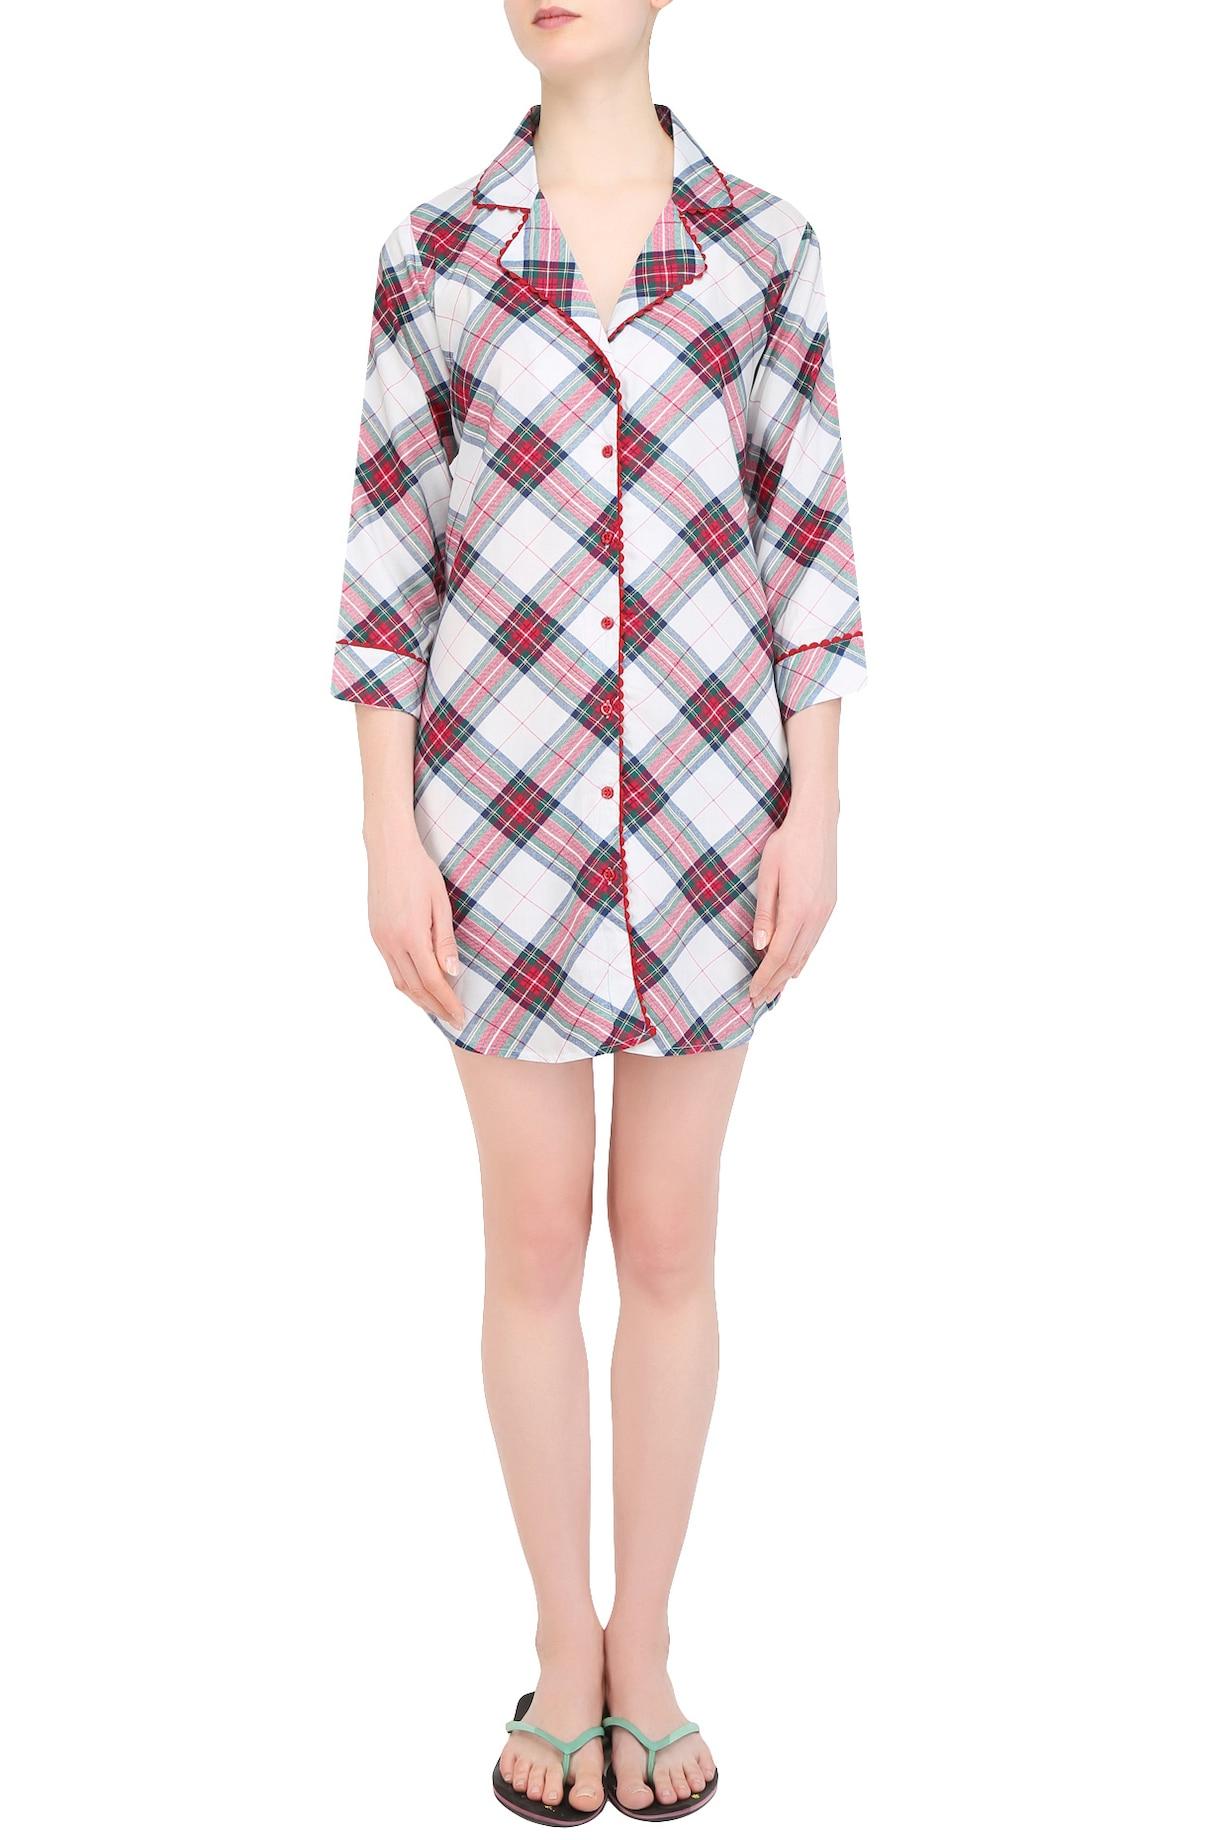 Perch Nightwear